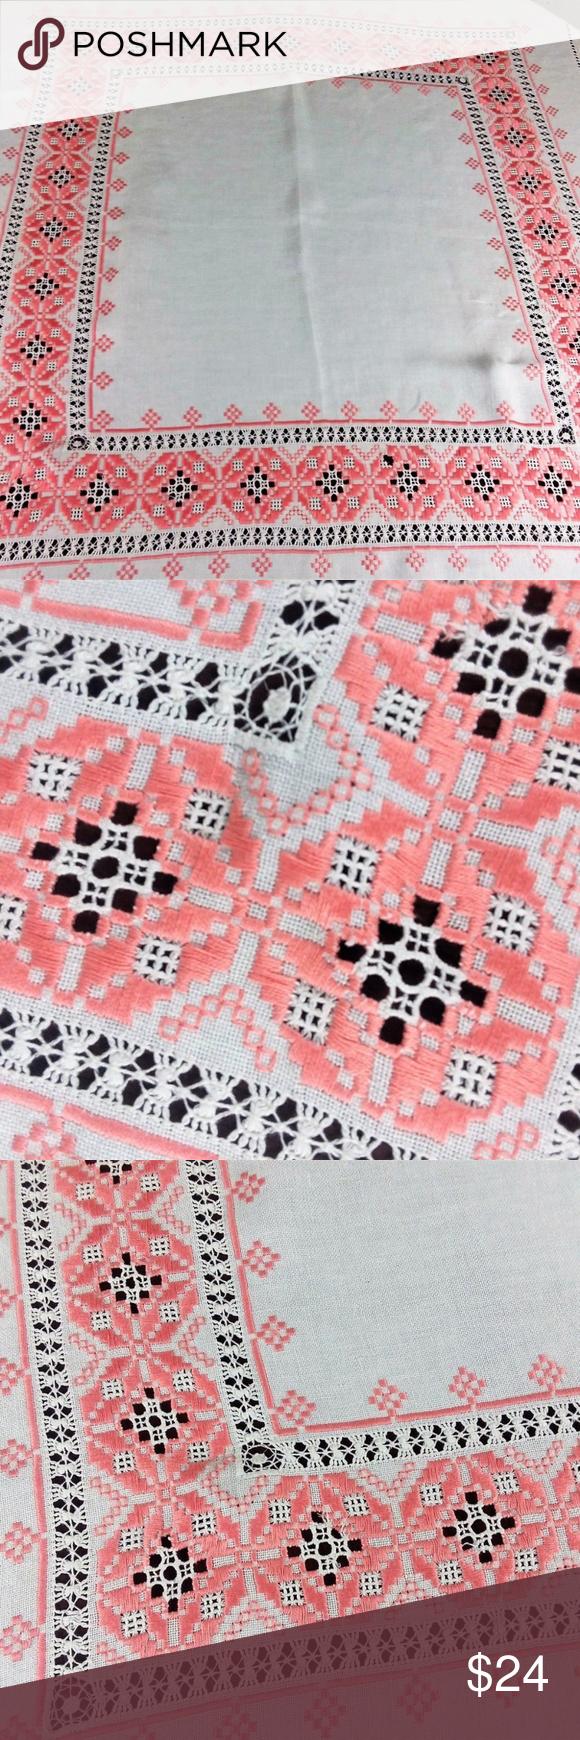 Linen Handmade Embroidered Drawn Work TableclothVt ...